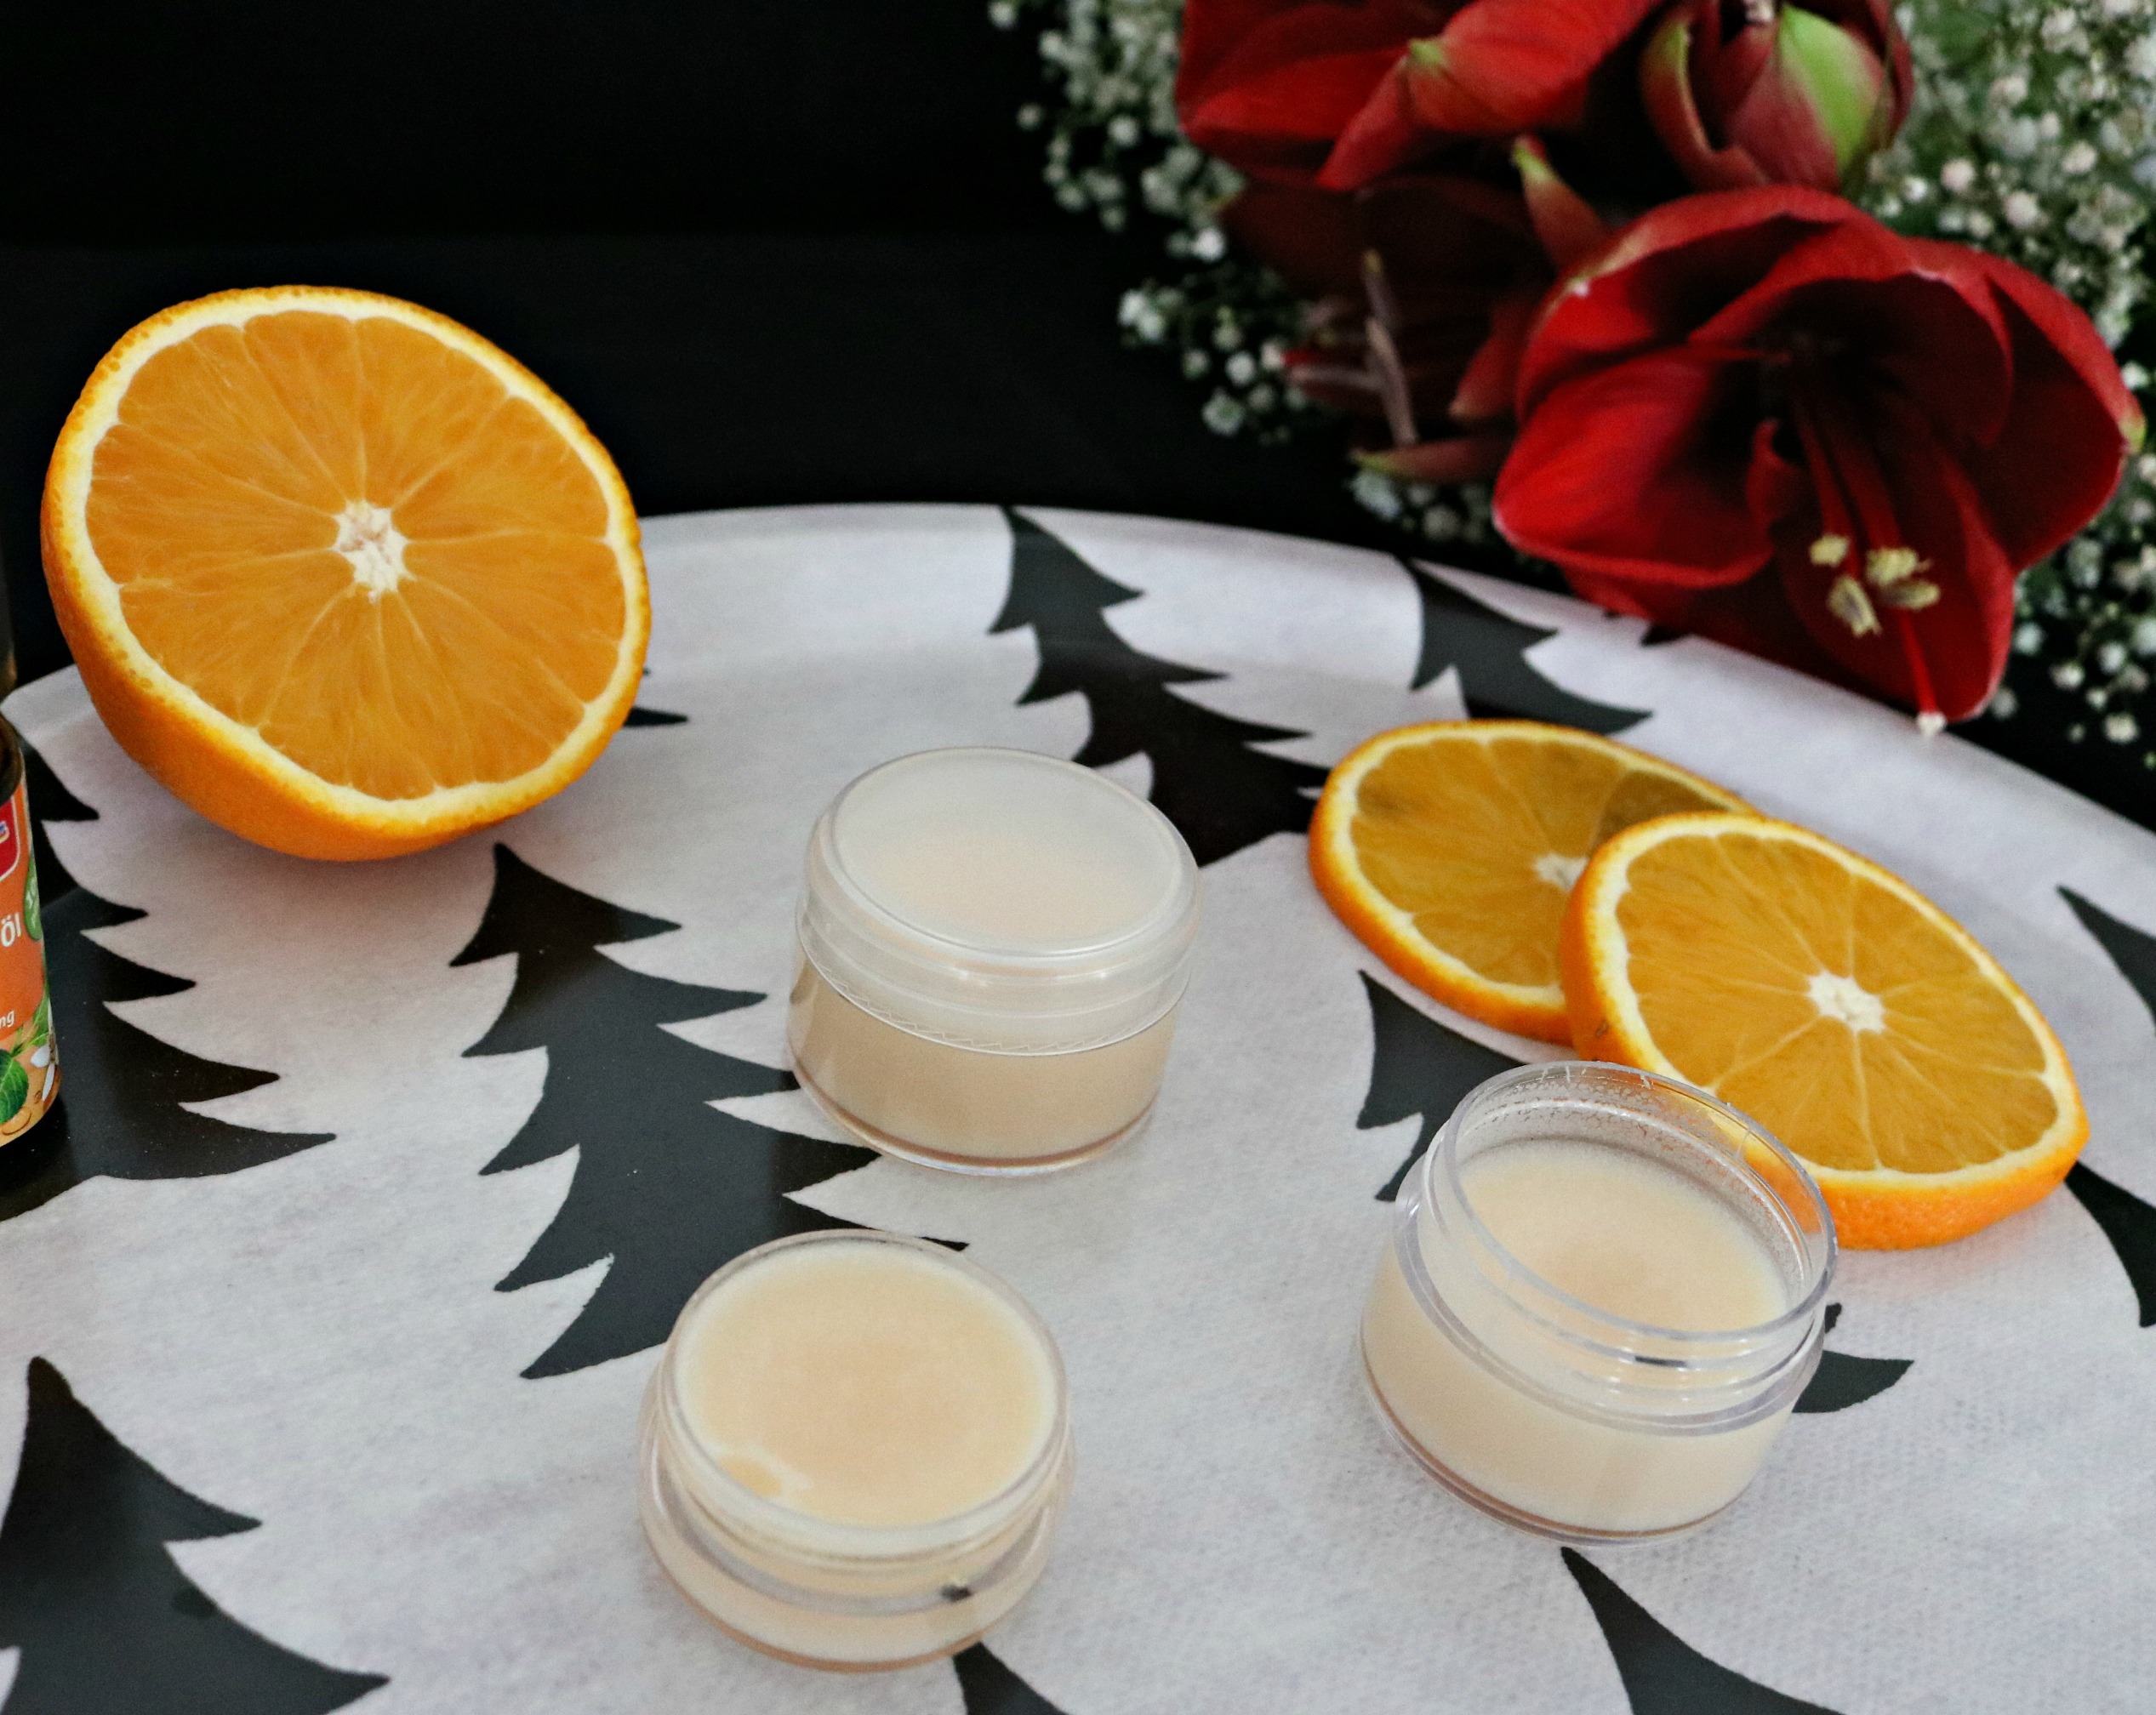 Lippenpflege Weihnachtsgeschenk